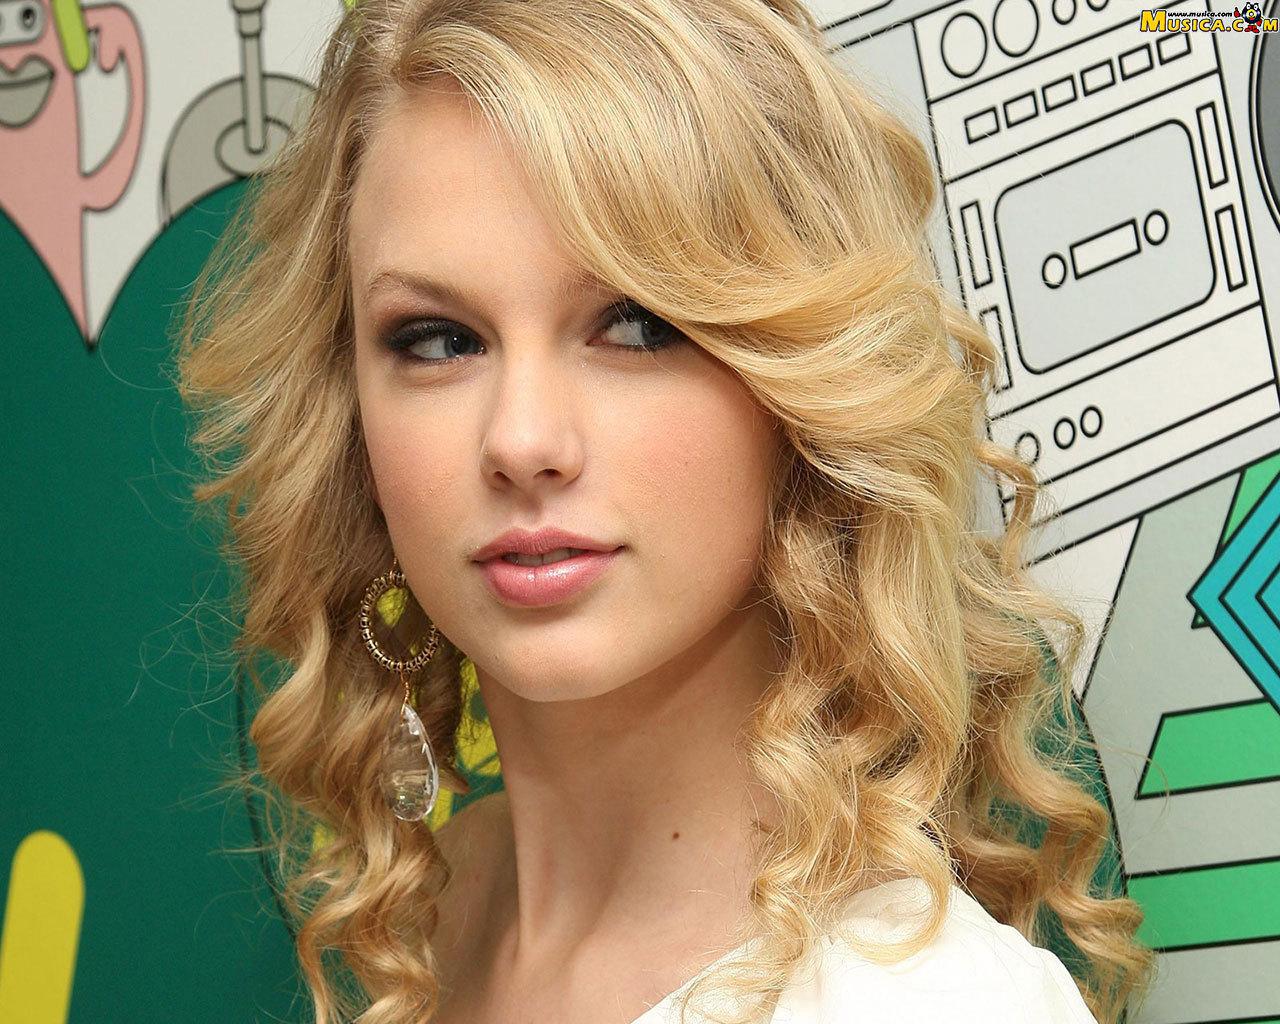 http://4.bp.blogspot.com/-0iAY7KB0U2Q/UOtb7_aWNuI/AAAAAAAAEzQ/mdl9TLnALuA/s1600/Taylor-Swift-taylor-swift-11508273-1280-1024.jpg